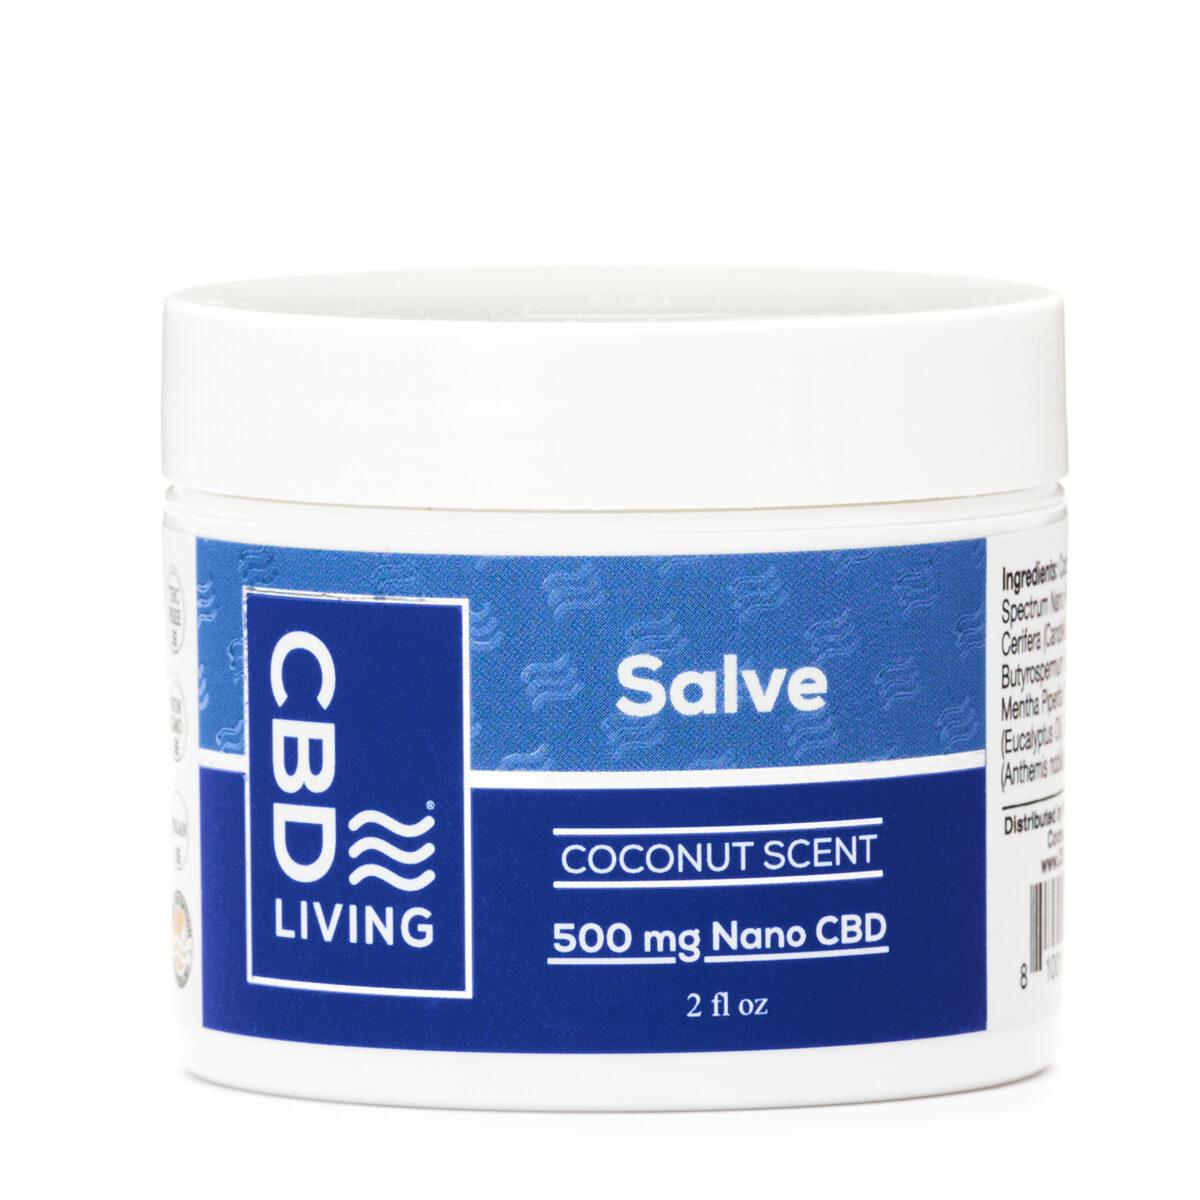 Мазь CBD (КБД) для Сухой Кожи с Ароматом Кокоса, Salve 500 mg CBD Living, США